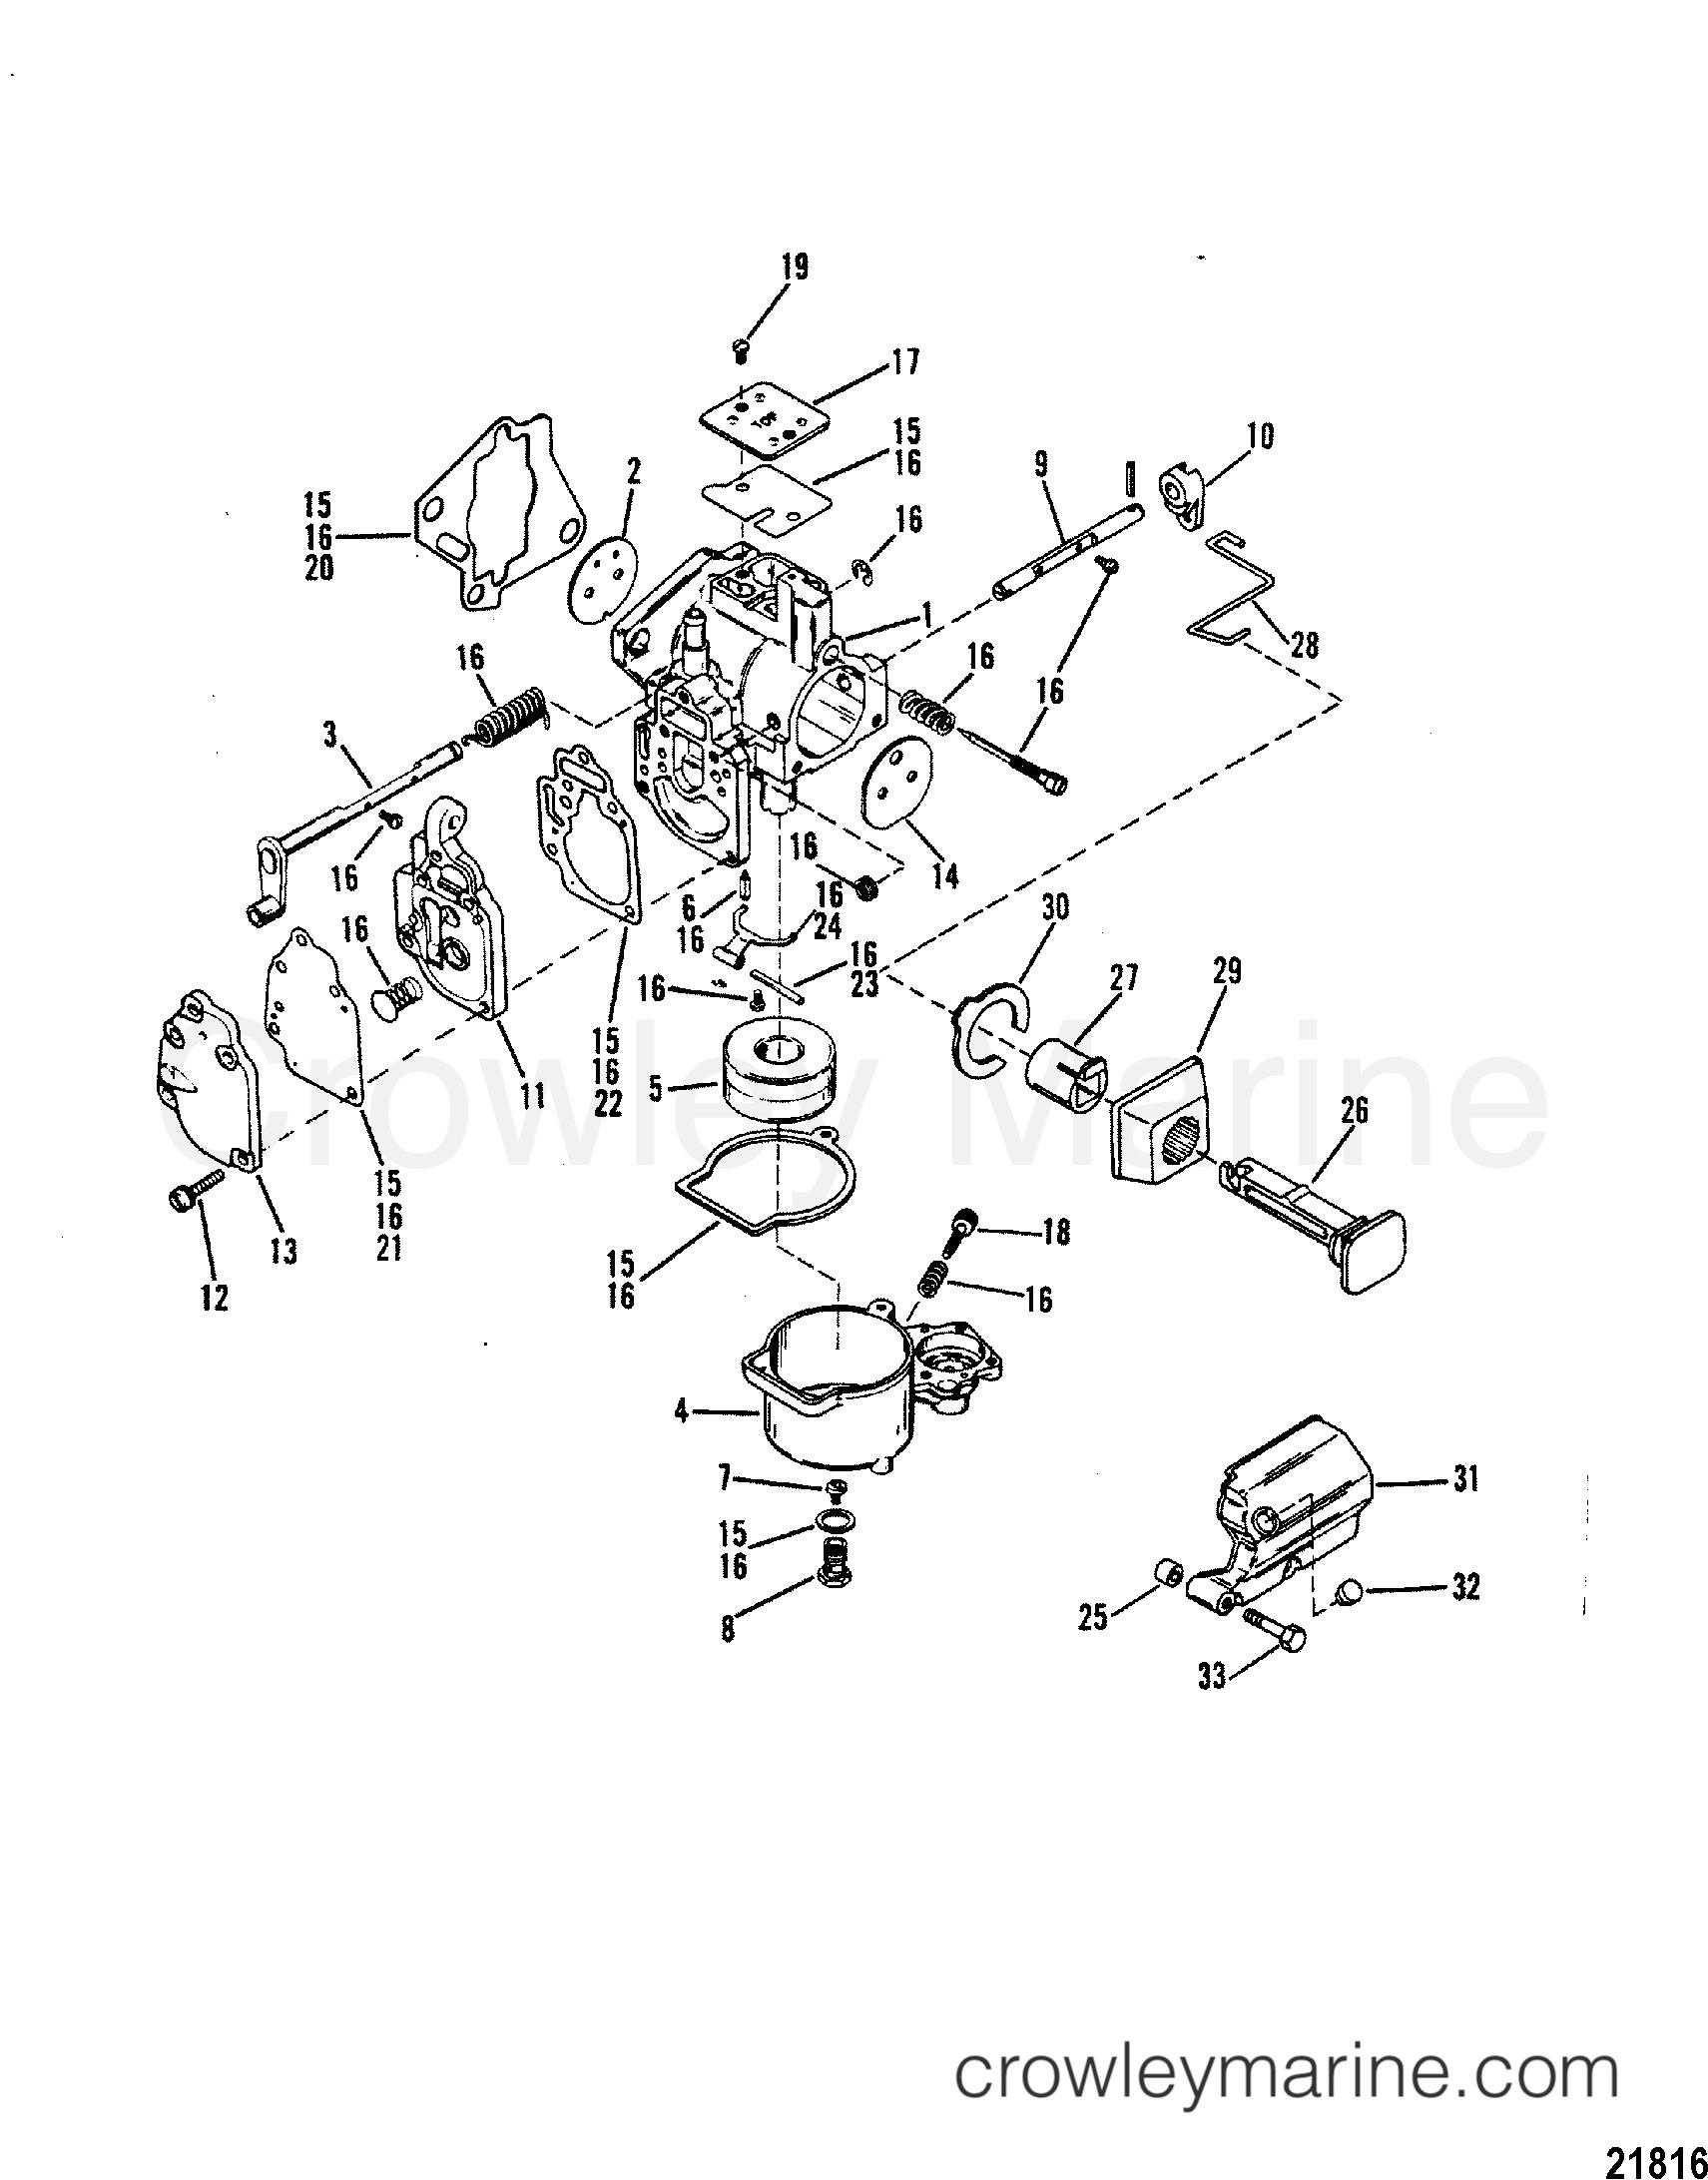 1989 Mariner Outboard 20 [MLH] - 7020211PD CARBURETOR(SEAPRO/MARATHON 25/ SUPER15) section